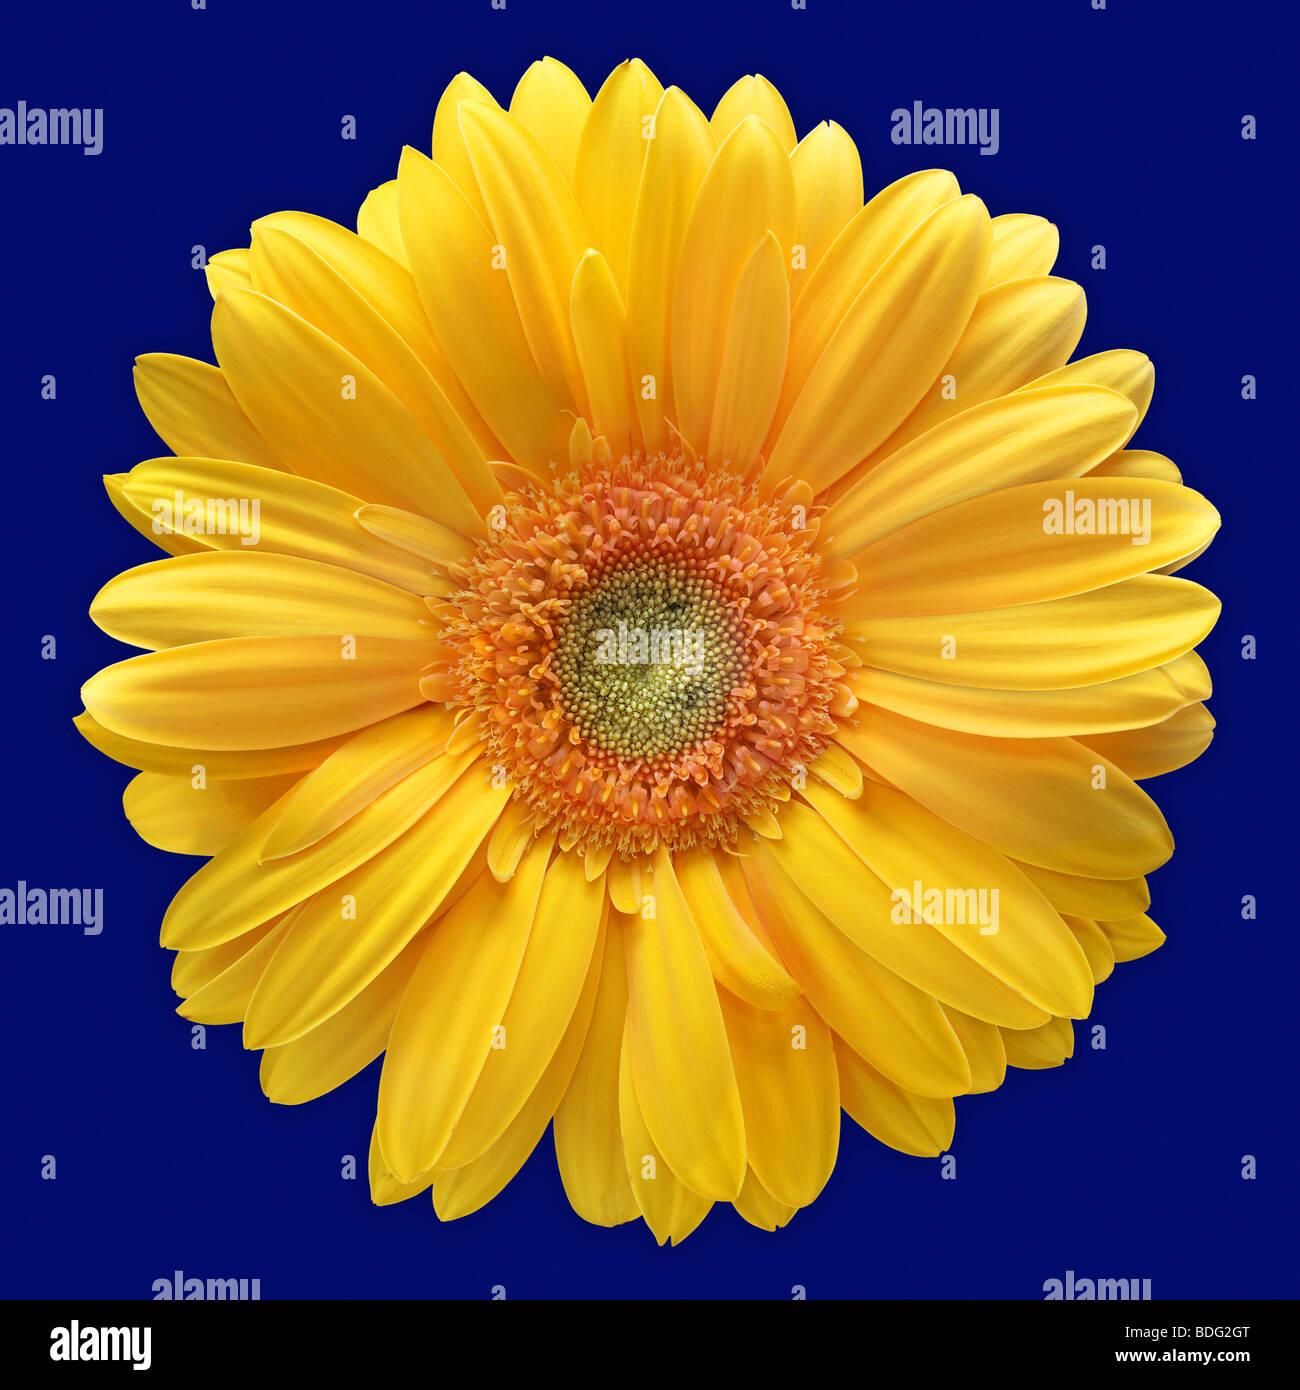 Fleur Gerbera Jaune Sur Fond Bleu Banque D Images Photo Stock